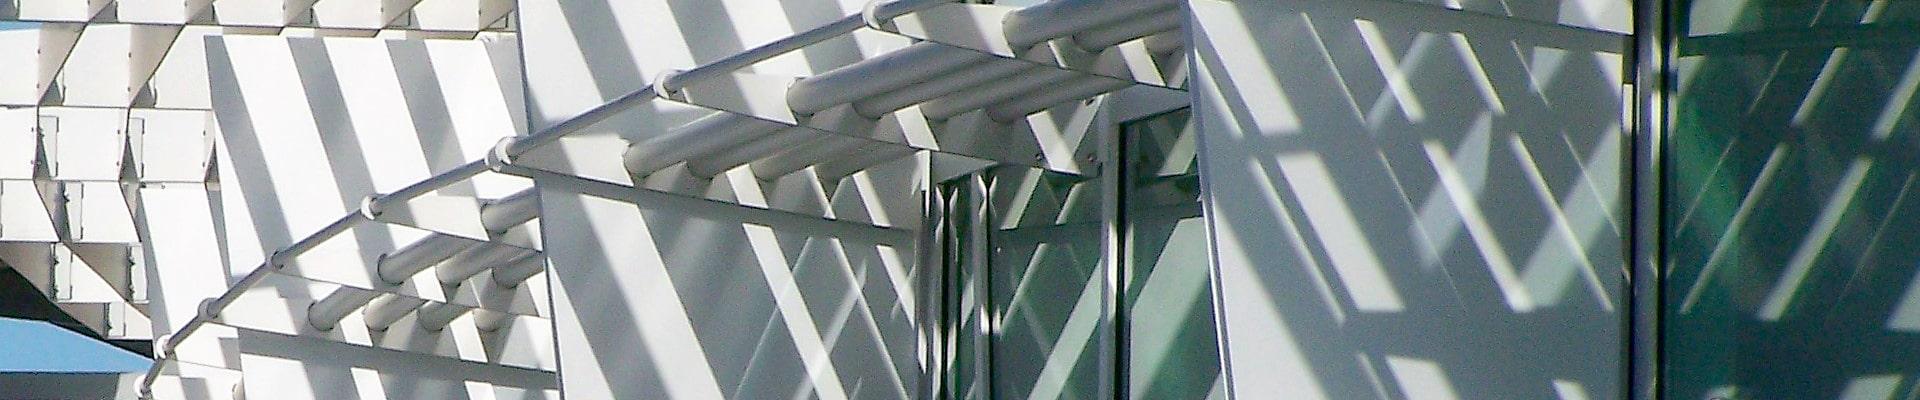 Aluminum Louvers Sun Control